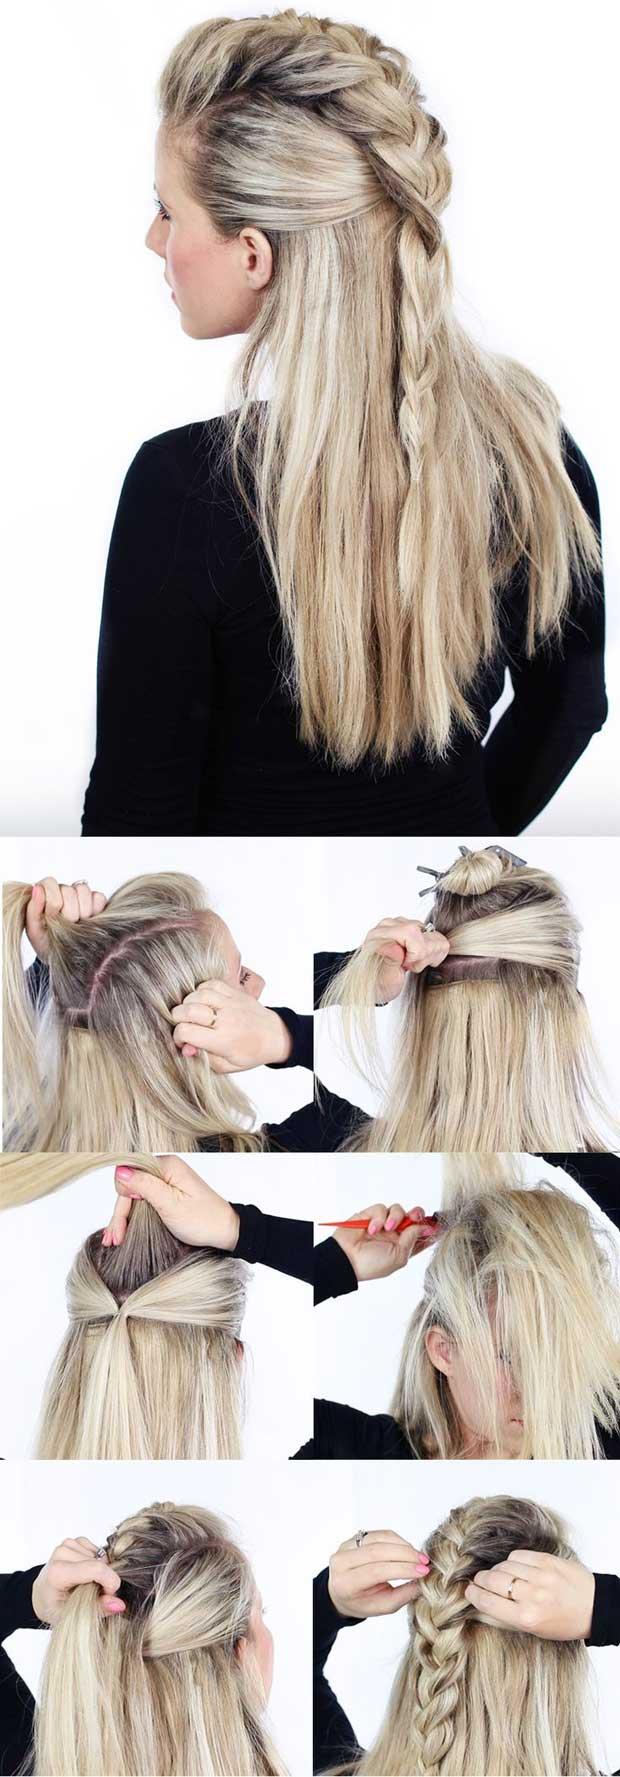 trenza-cocida-con-cabello-suelto